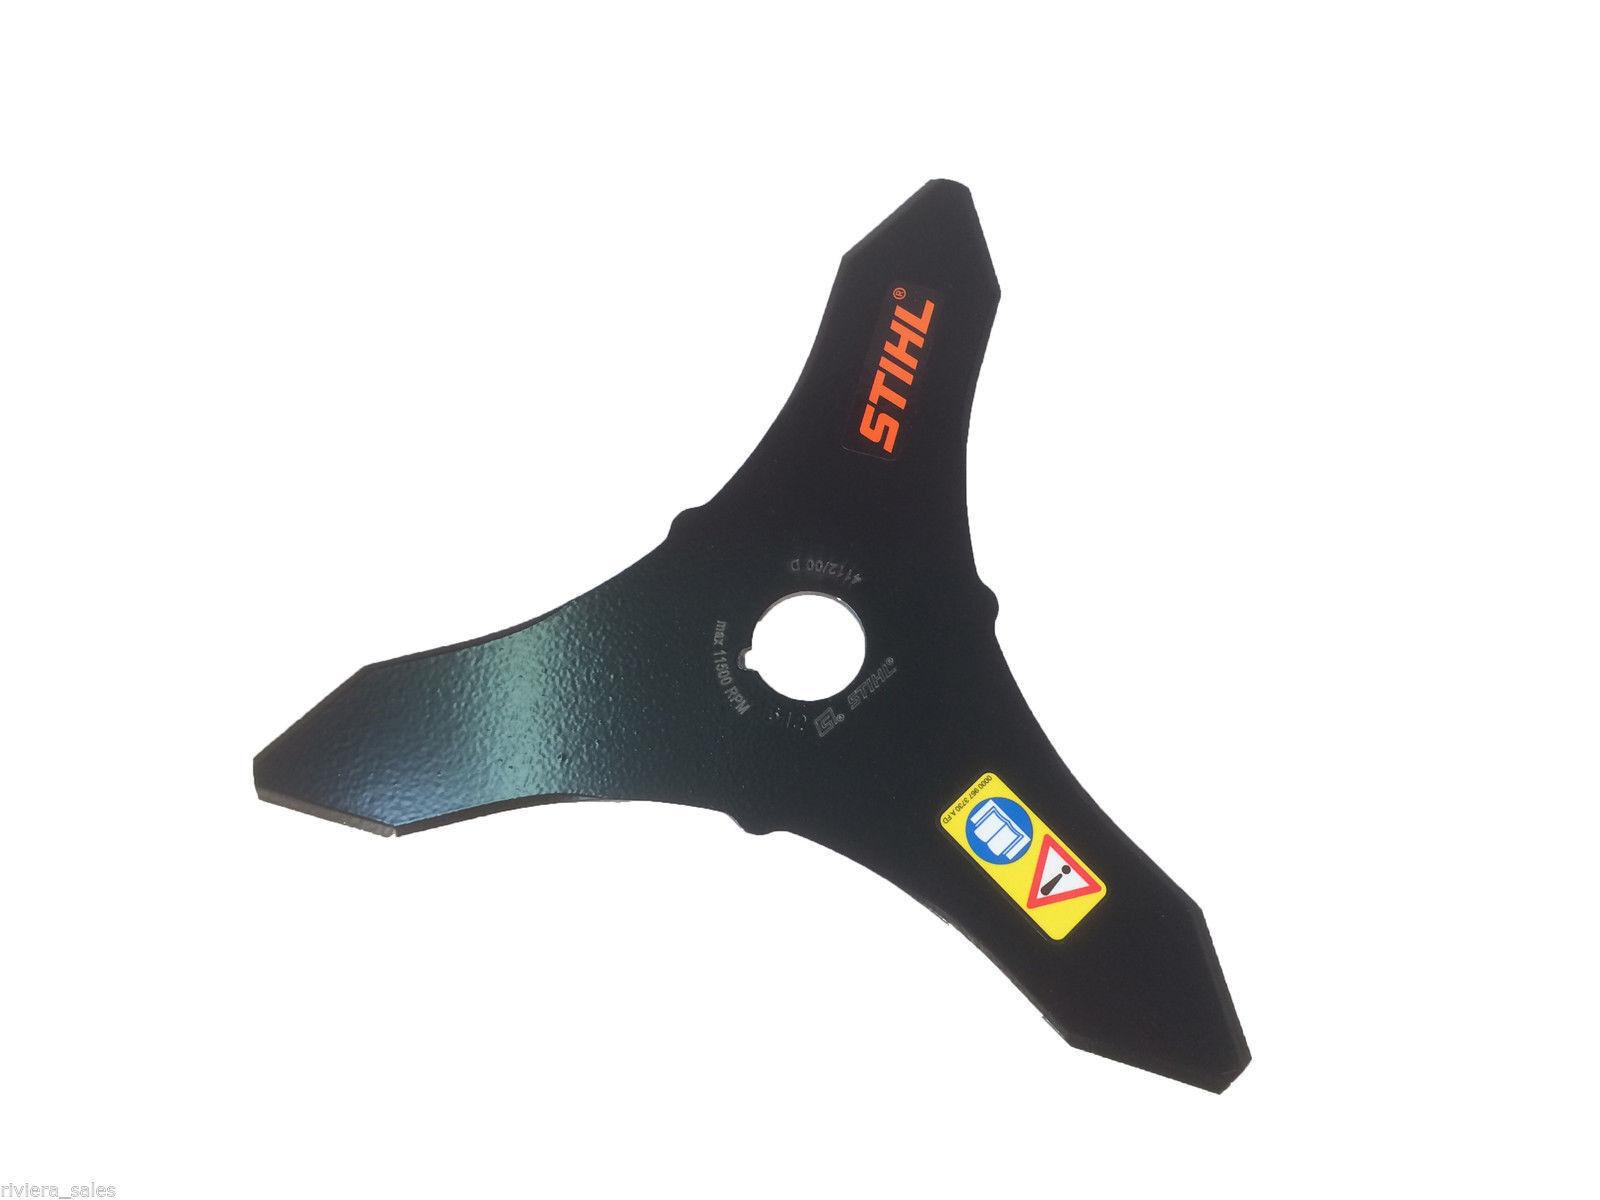 Stihl Genuino FS74 Metal Cortador Cepillo Hoja 41127134100 250mm